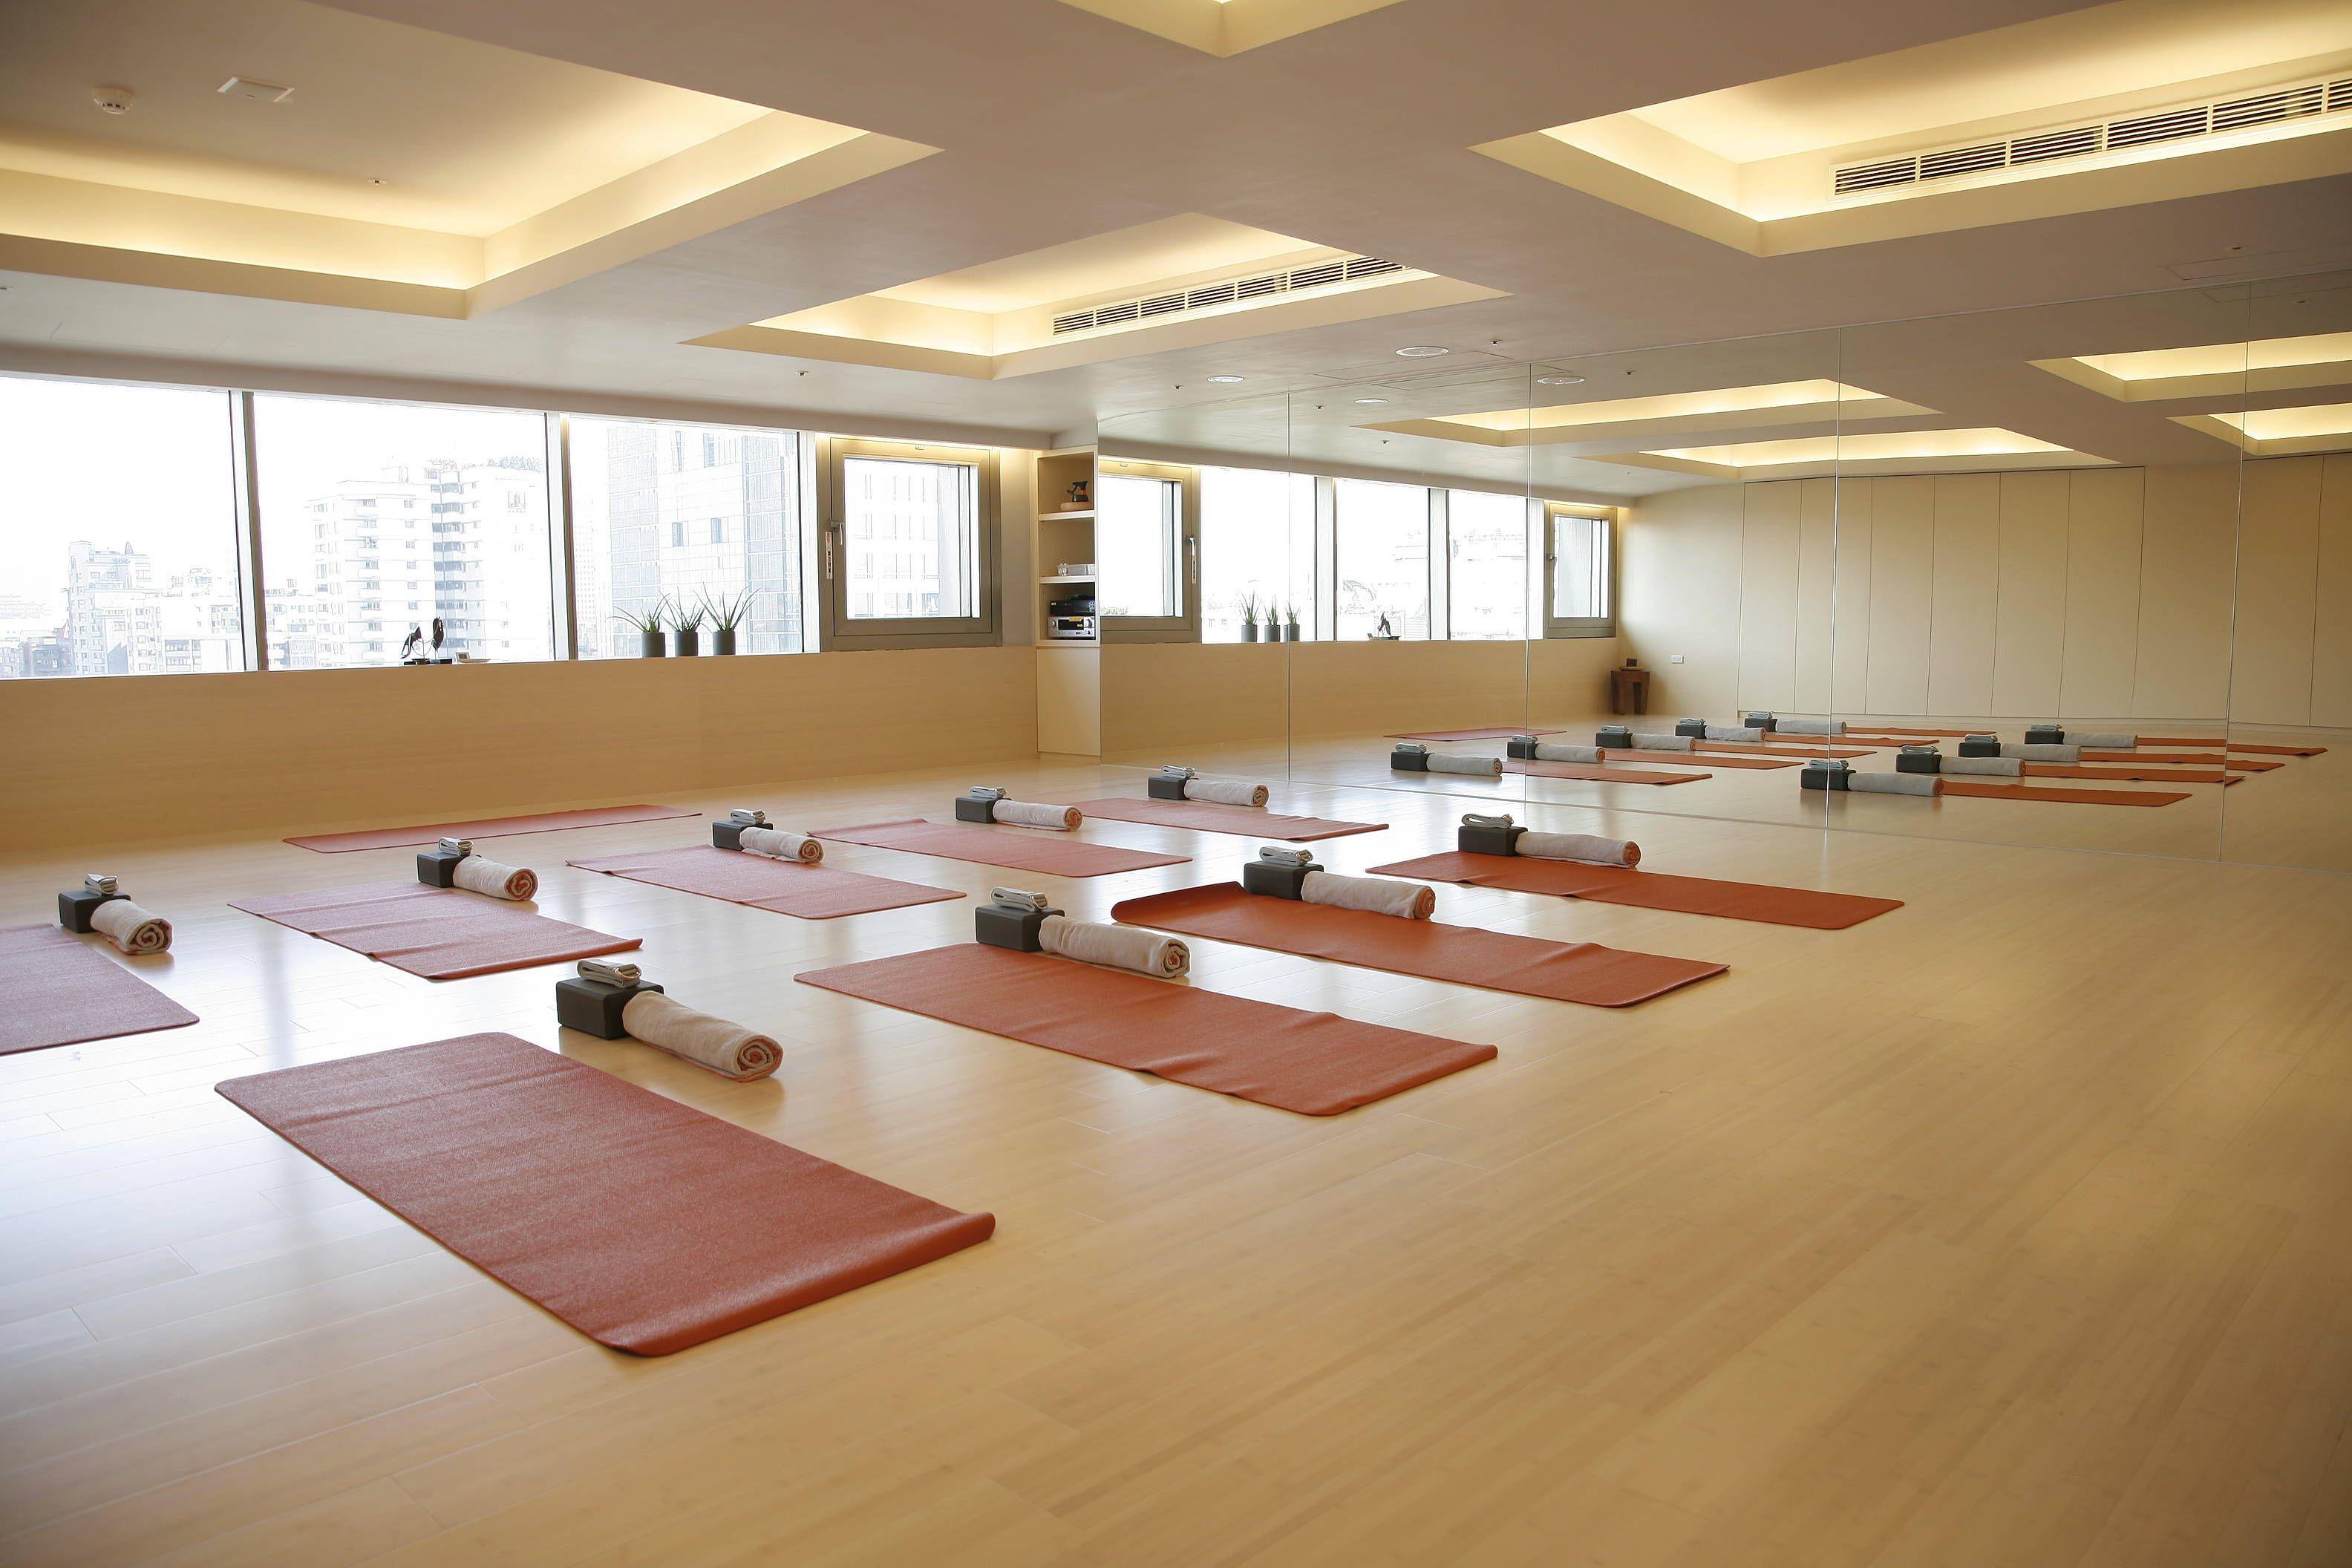 Luxury Yoga Room Google Search Zen Room Studio Yoga